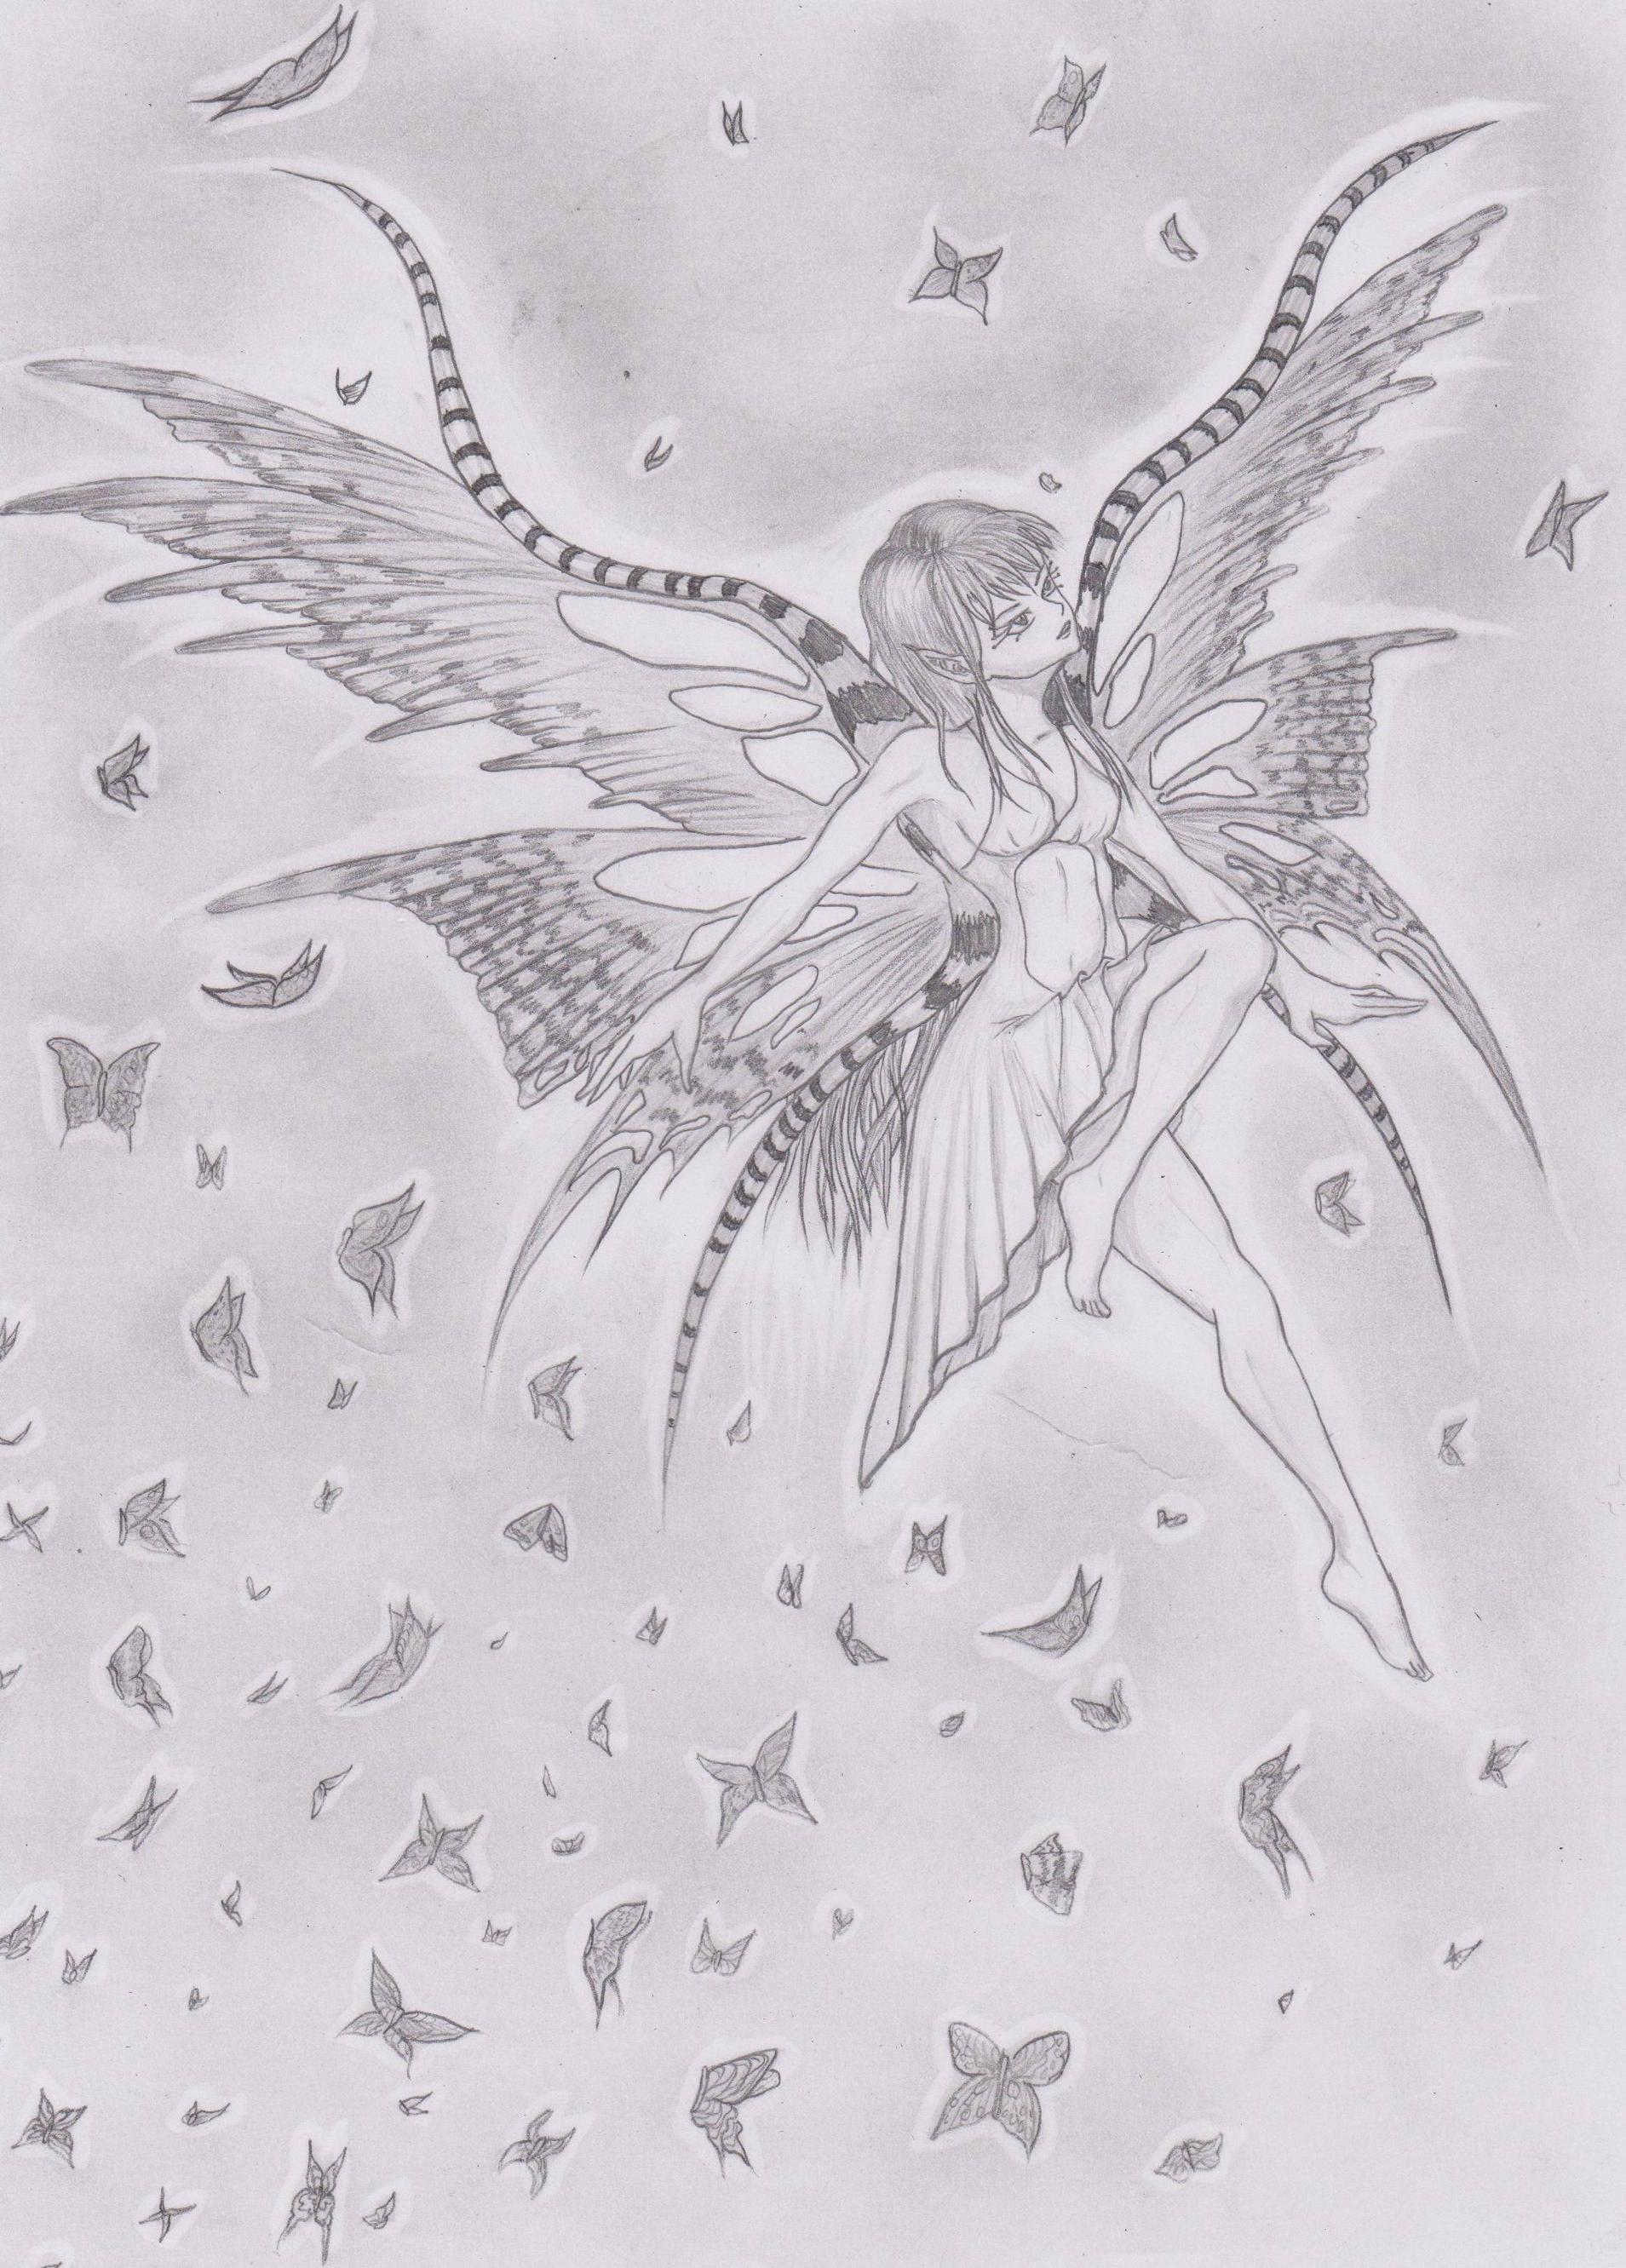 Anitr Peri Konulu 5 çizim Yarışmasıanket Sona Ermiş çizim